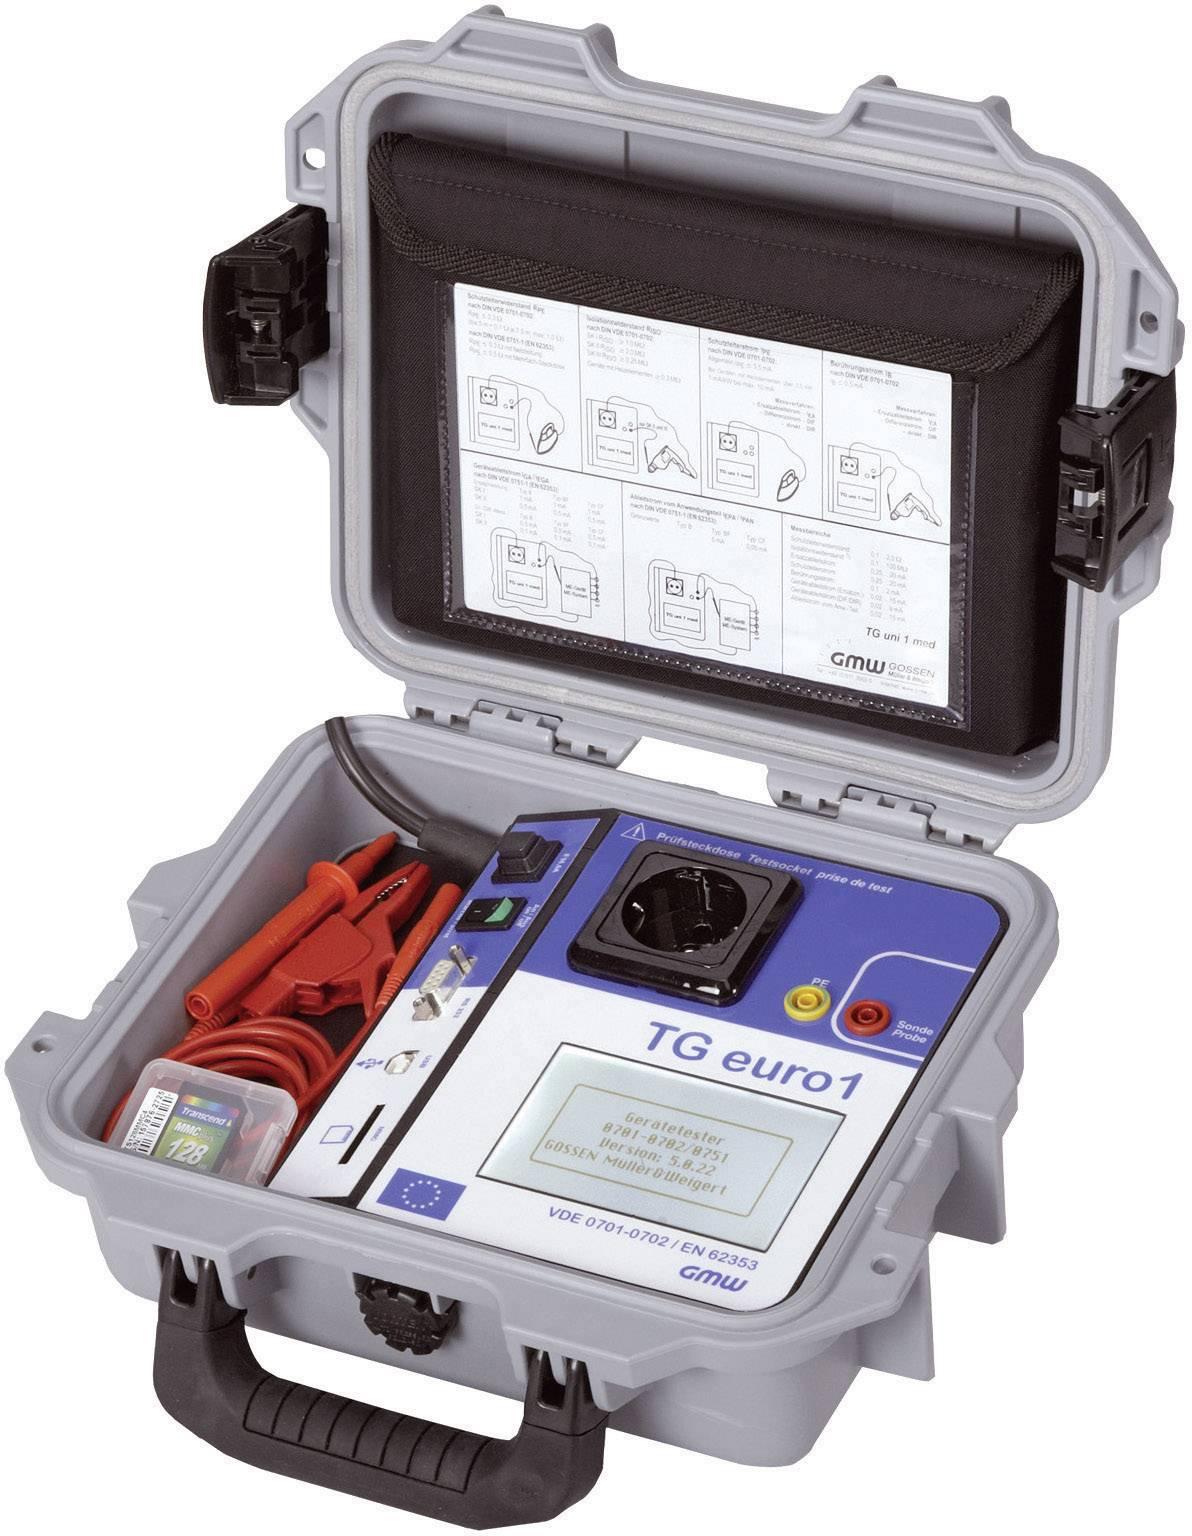 Tester spotřebičů GMW TG euro1, 61000 00600